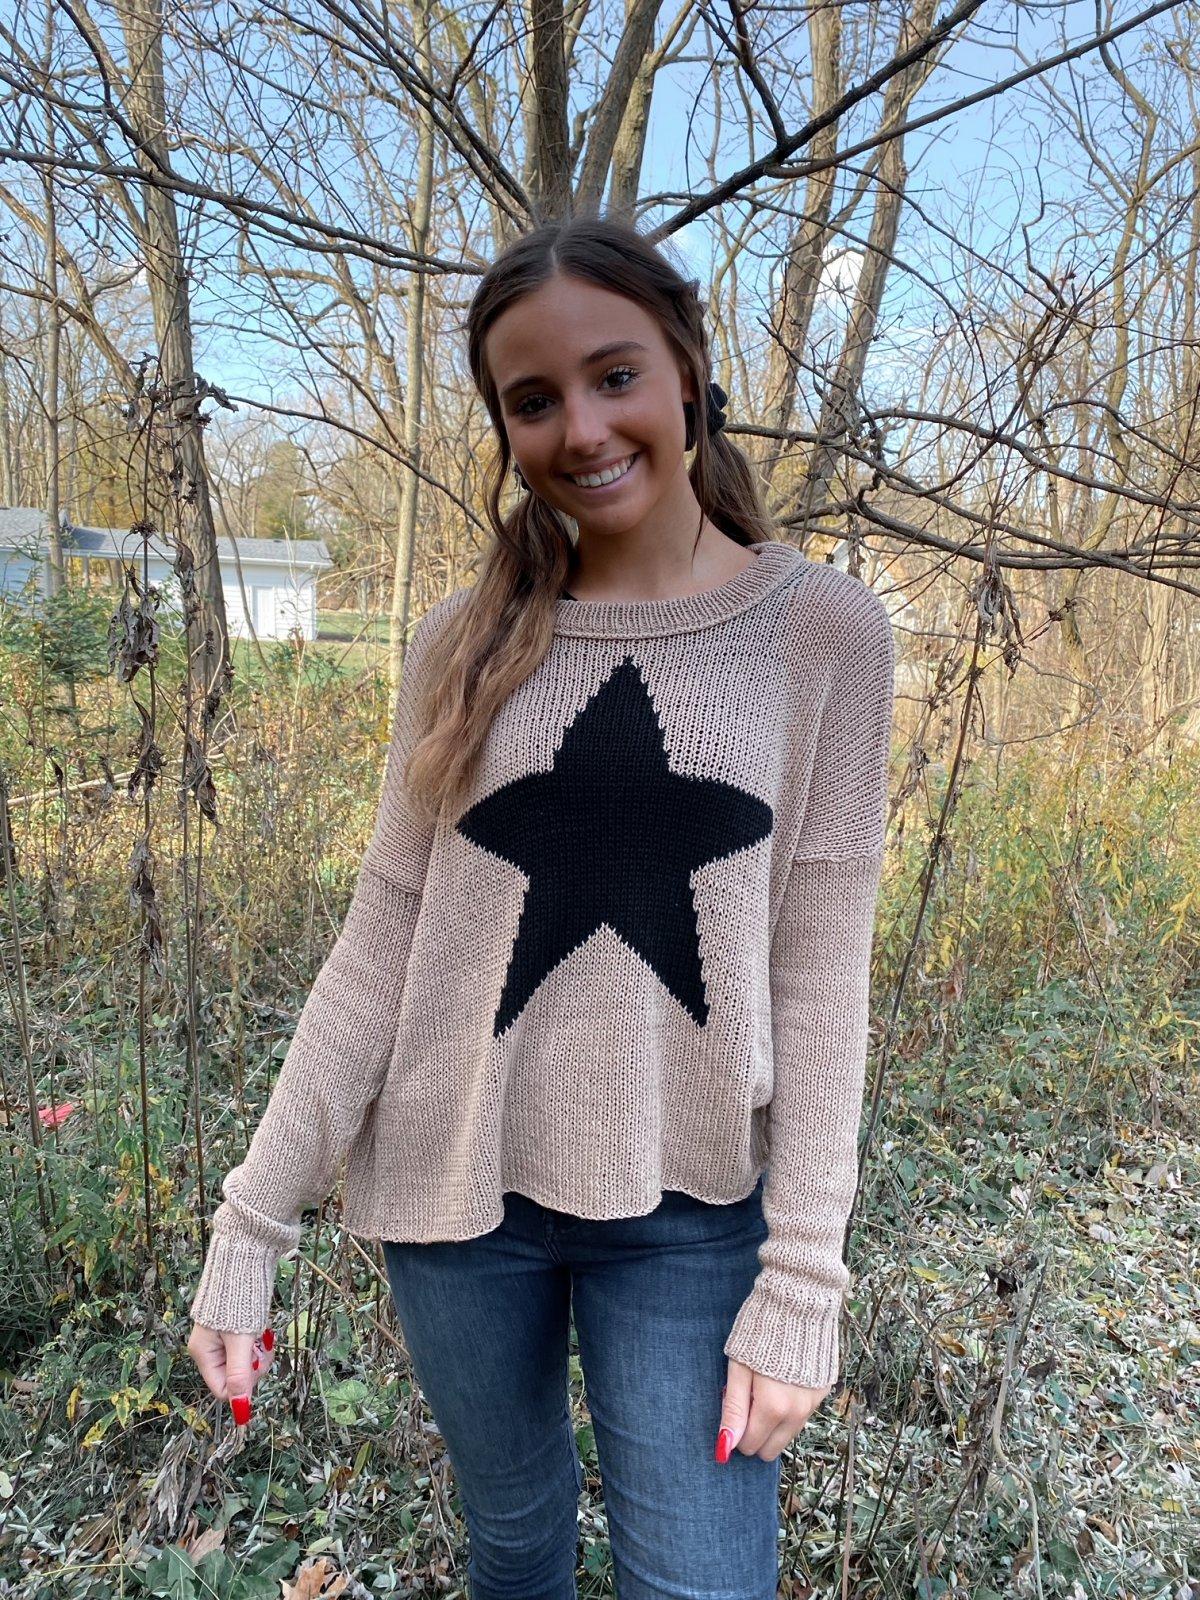 WS Tan Black STAR Dolman Crew Knit Sweater